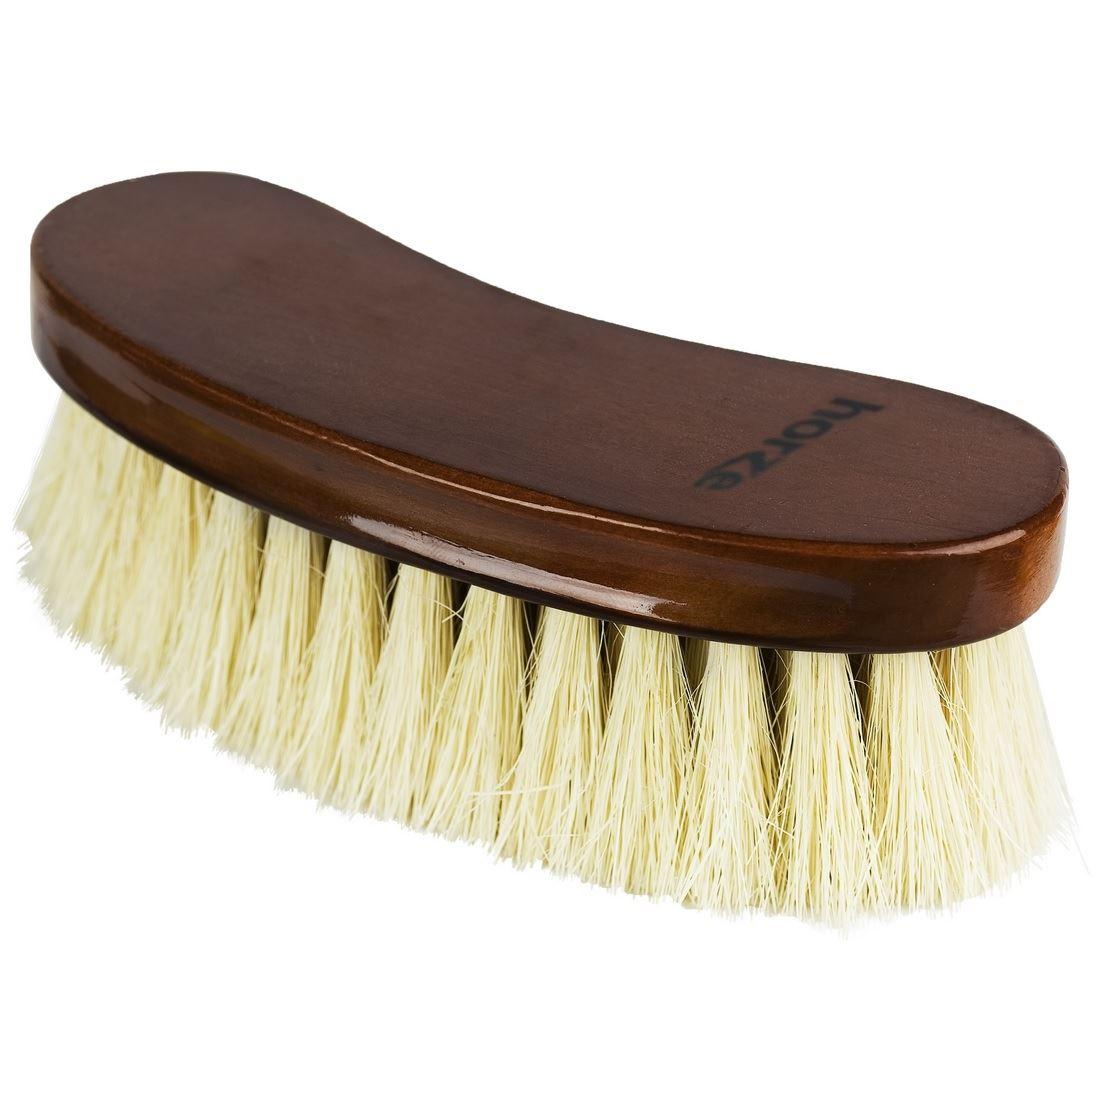 Horze Natural Dust Brush